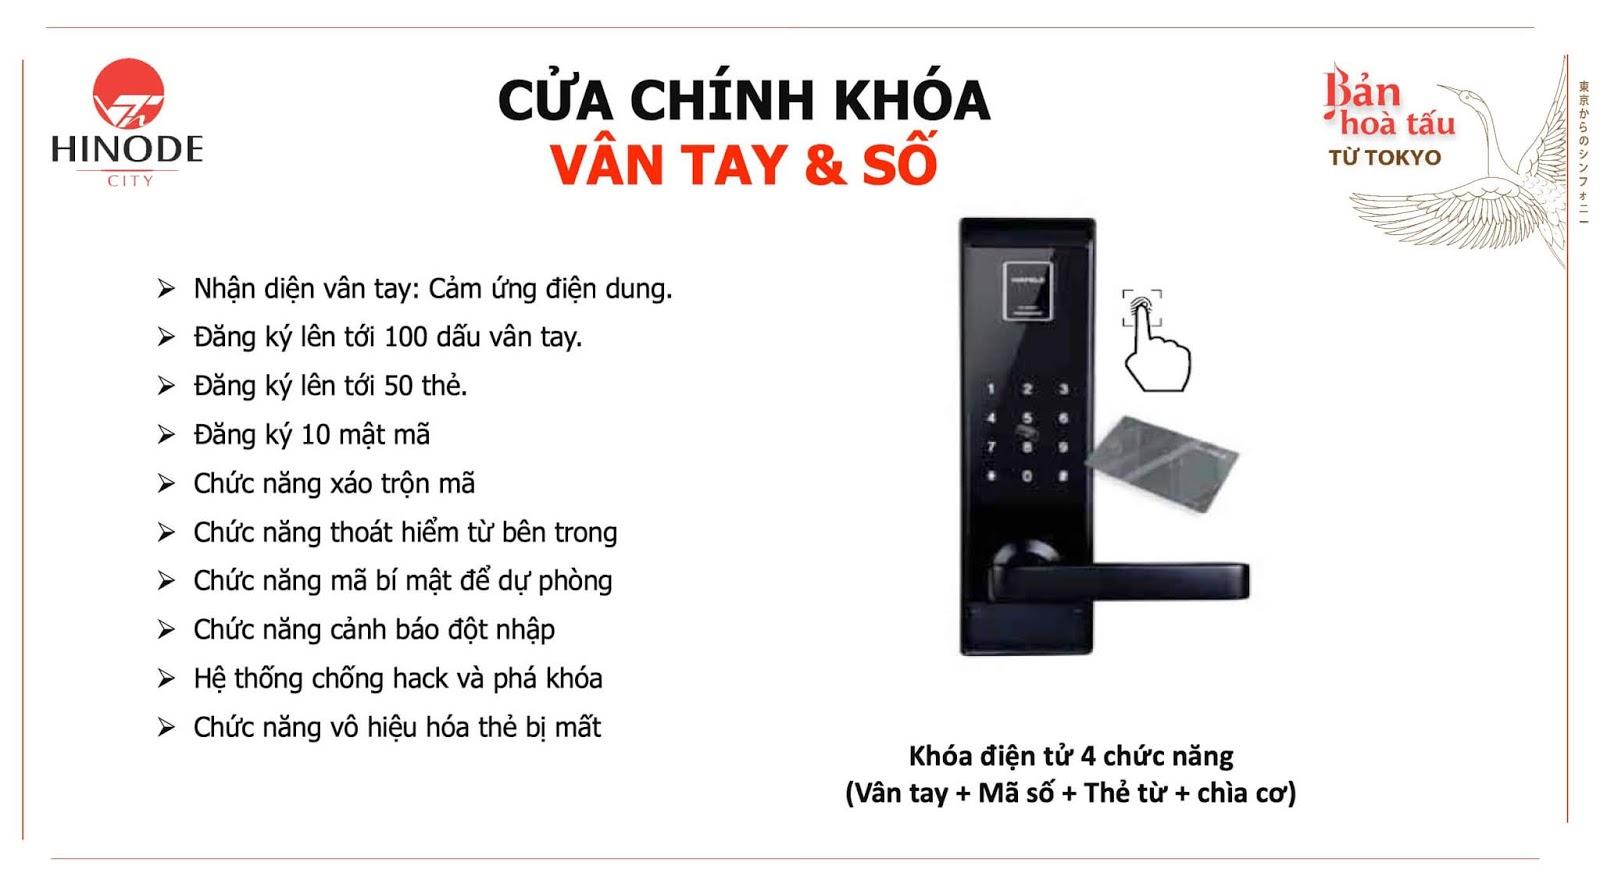 Hệ thống cửa khoá chính của chung cư Hinode City 201 Minh Khai